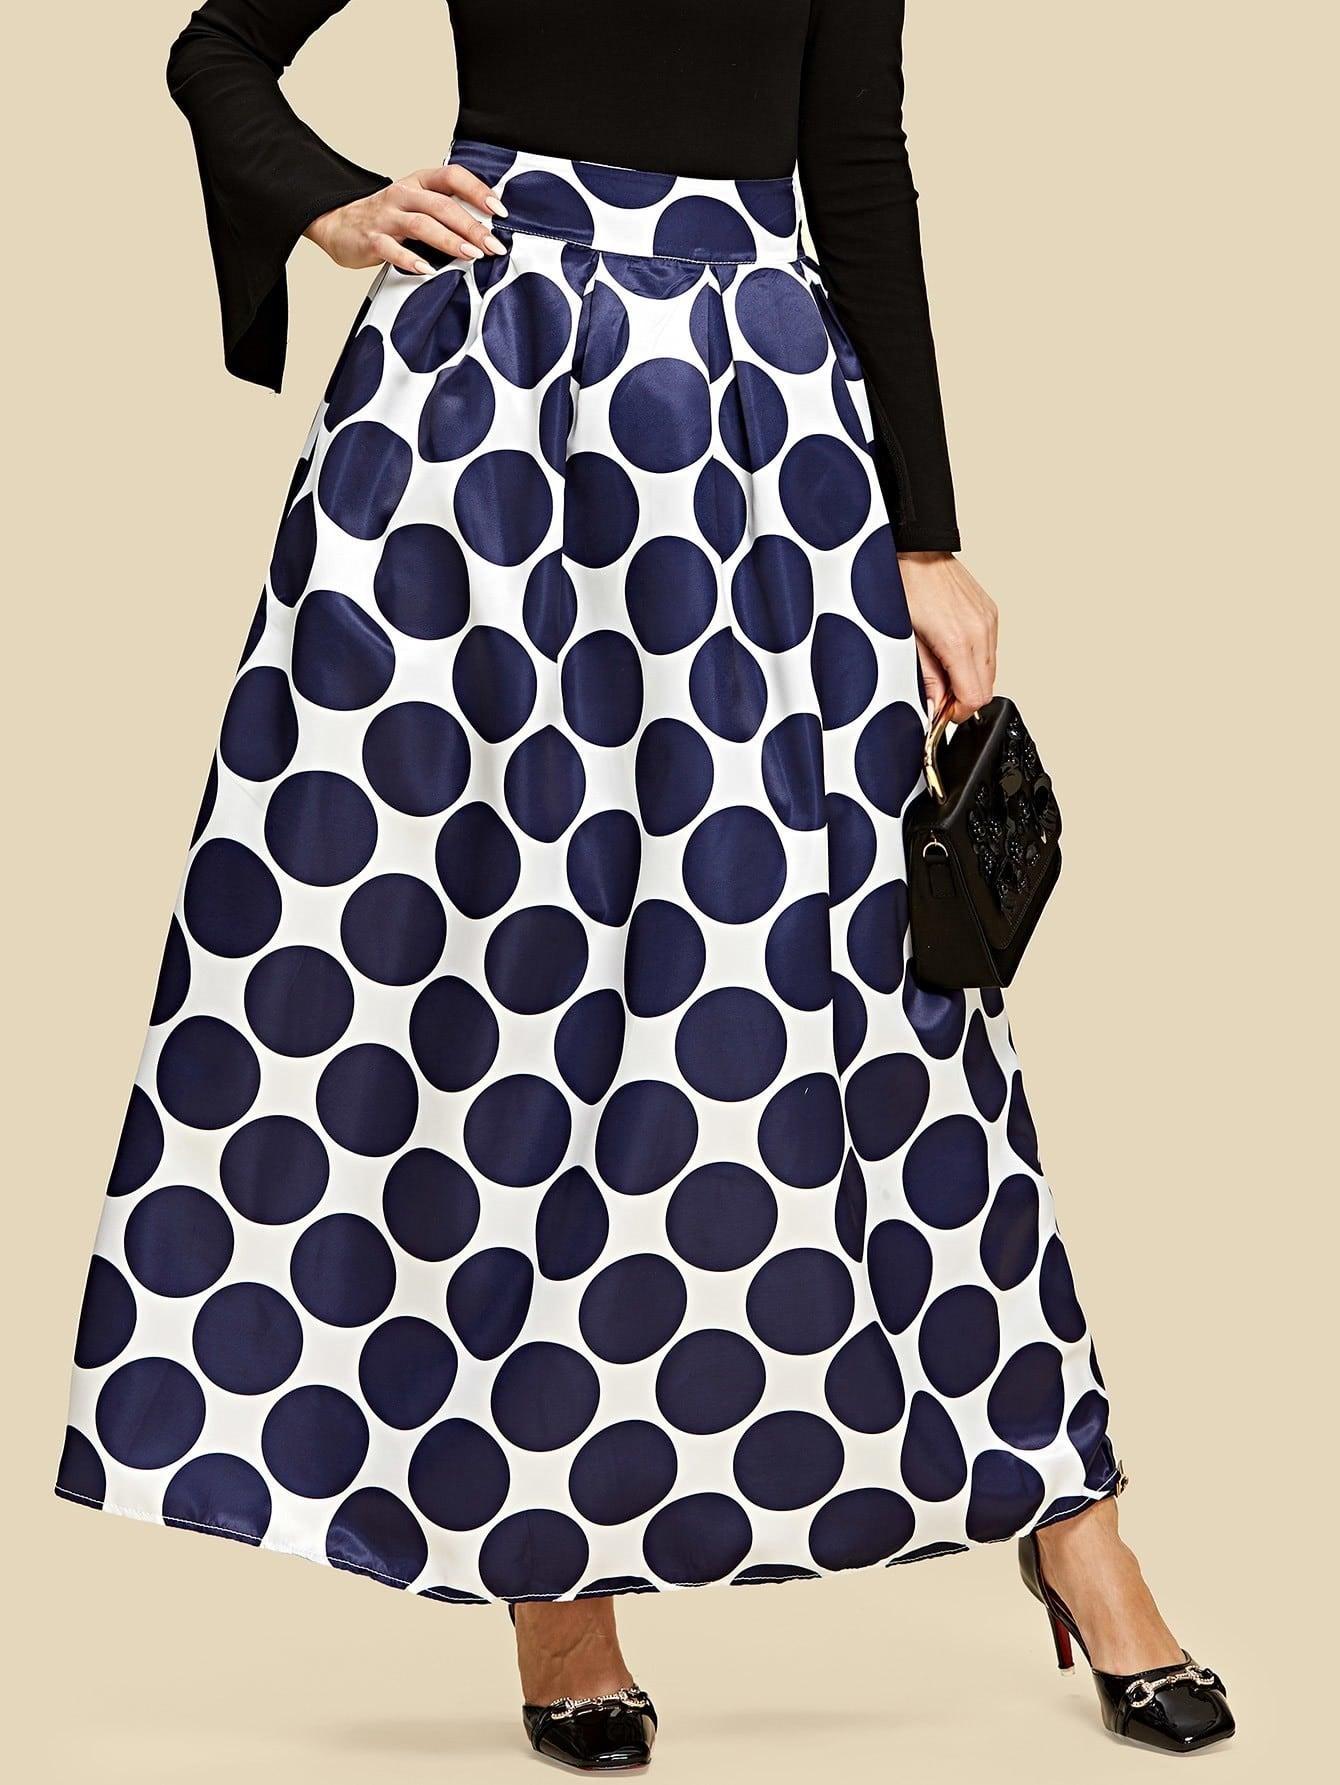 все цены на Boxed Pleated Polka Dot Skirt